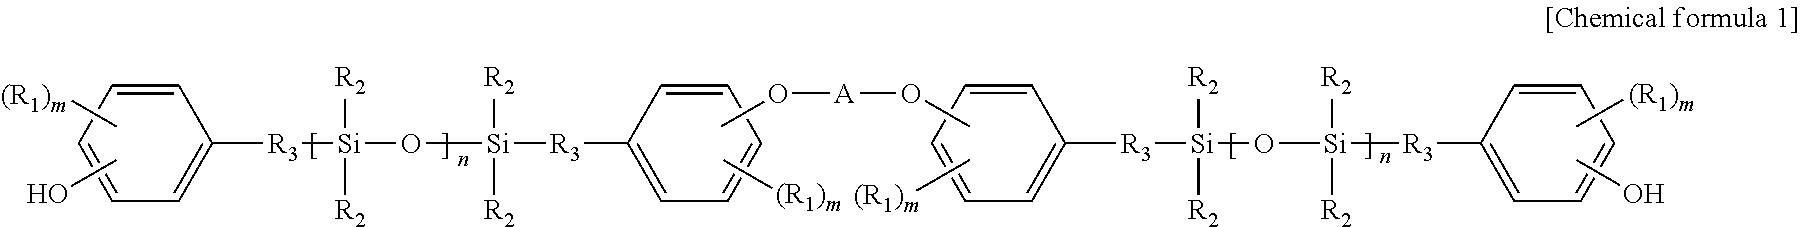 Figure US20160122477A1-20160505-C00004